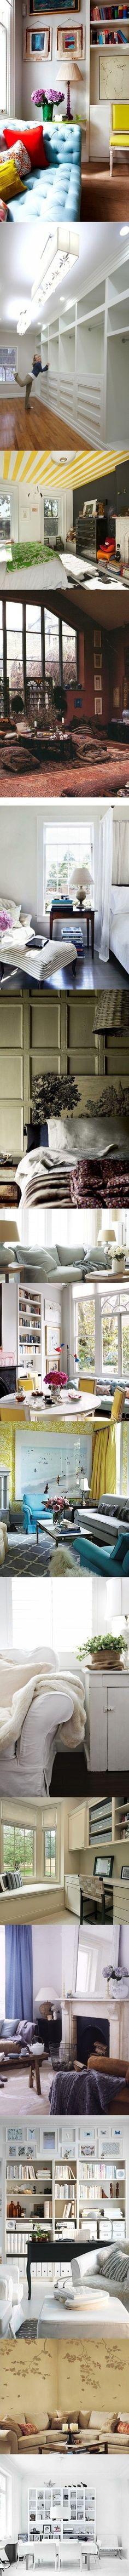 interiors interiors interiors